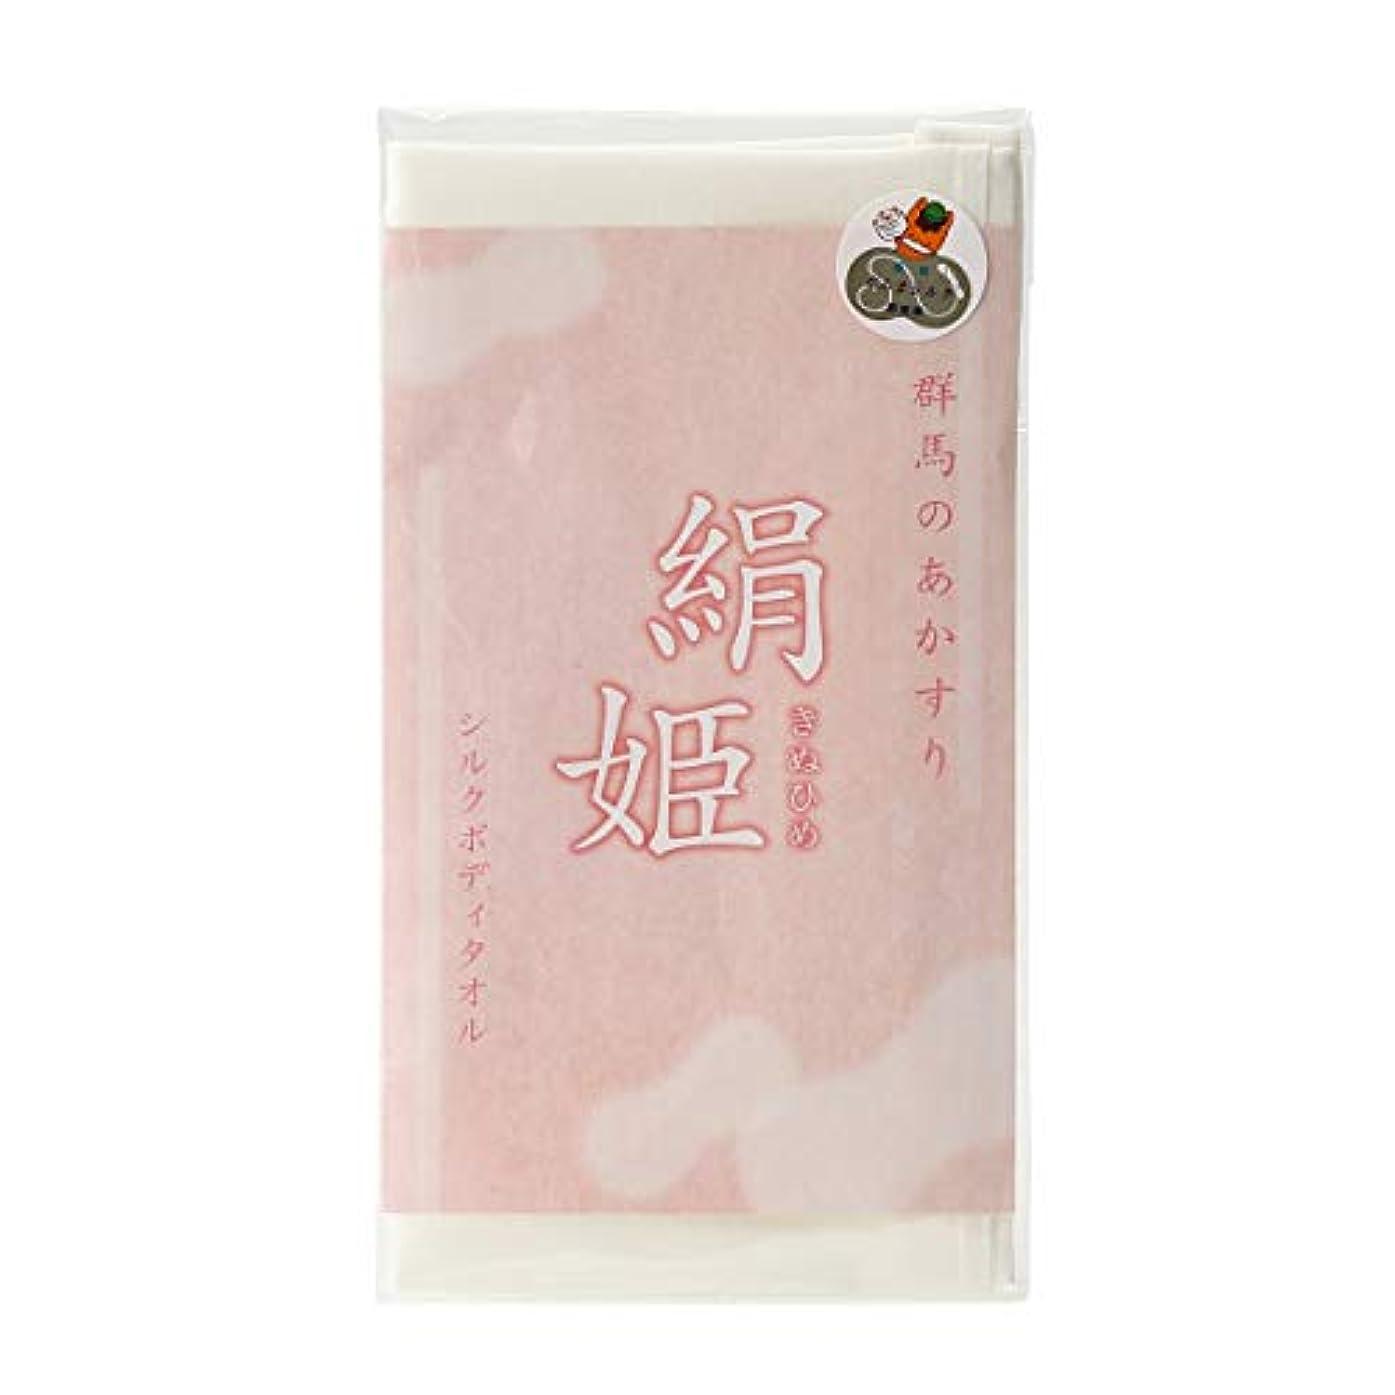 船乗り性的嫌がらせ[ハッピーシルク ] 絹姫 (きぬひめ) ボディータオル シルクあかすり 00245